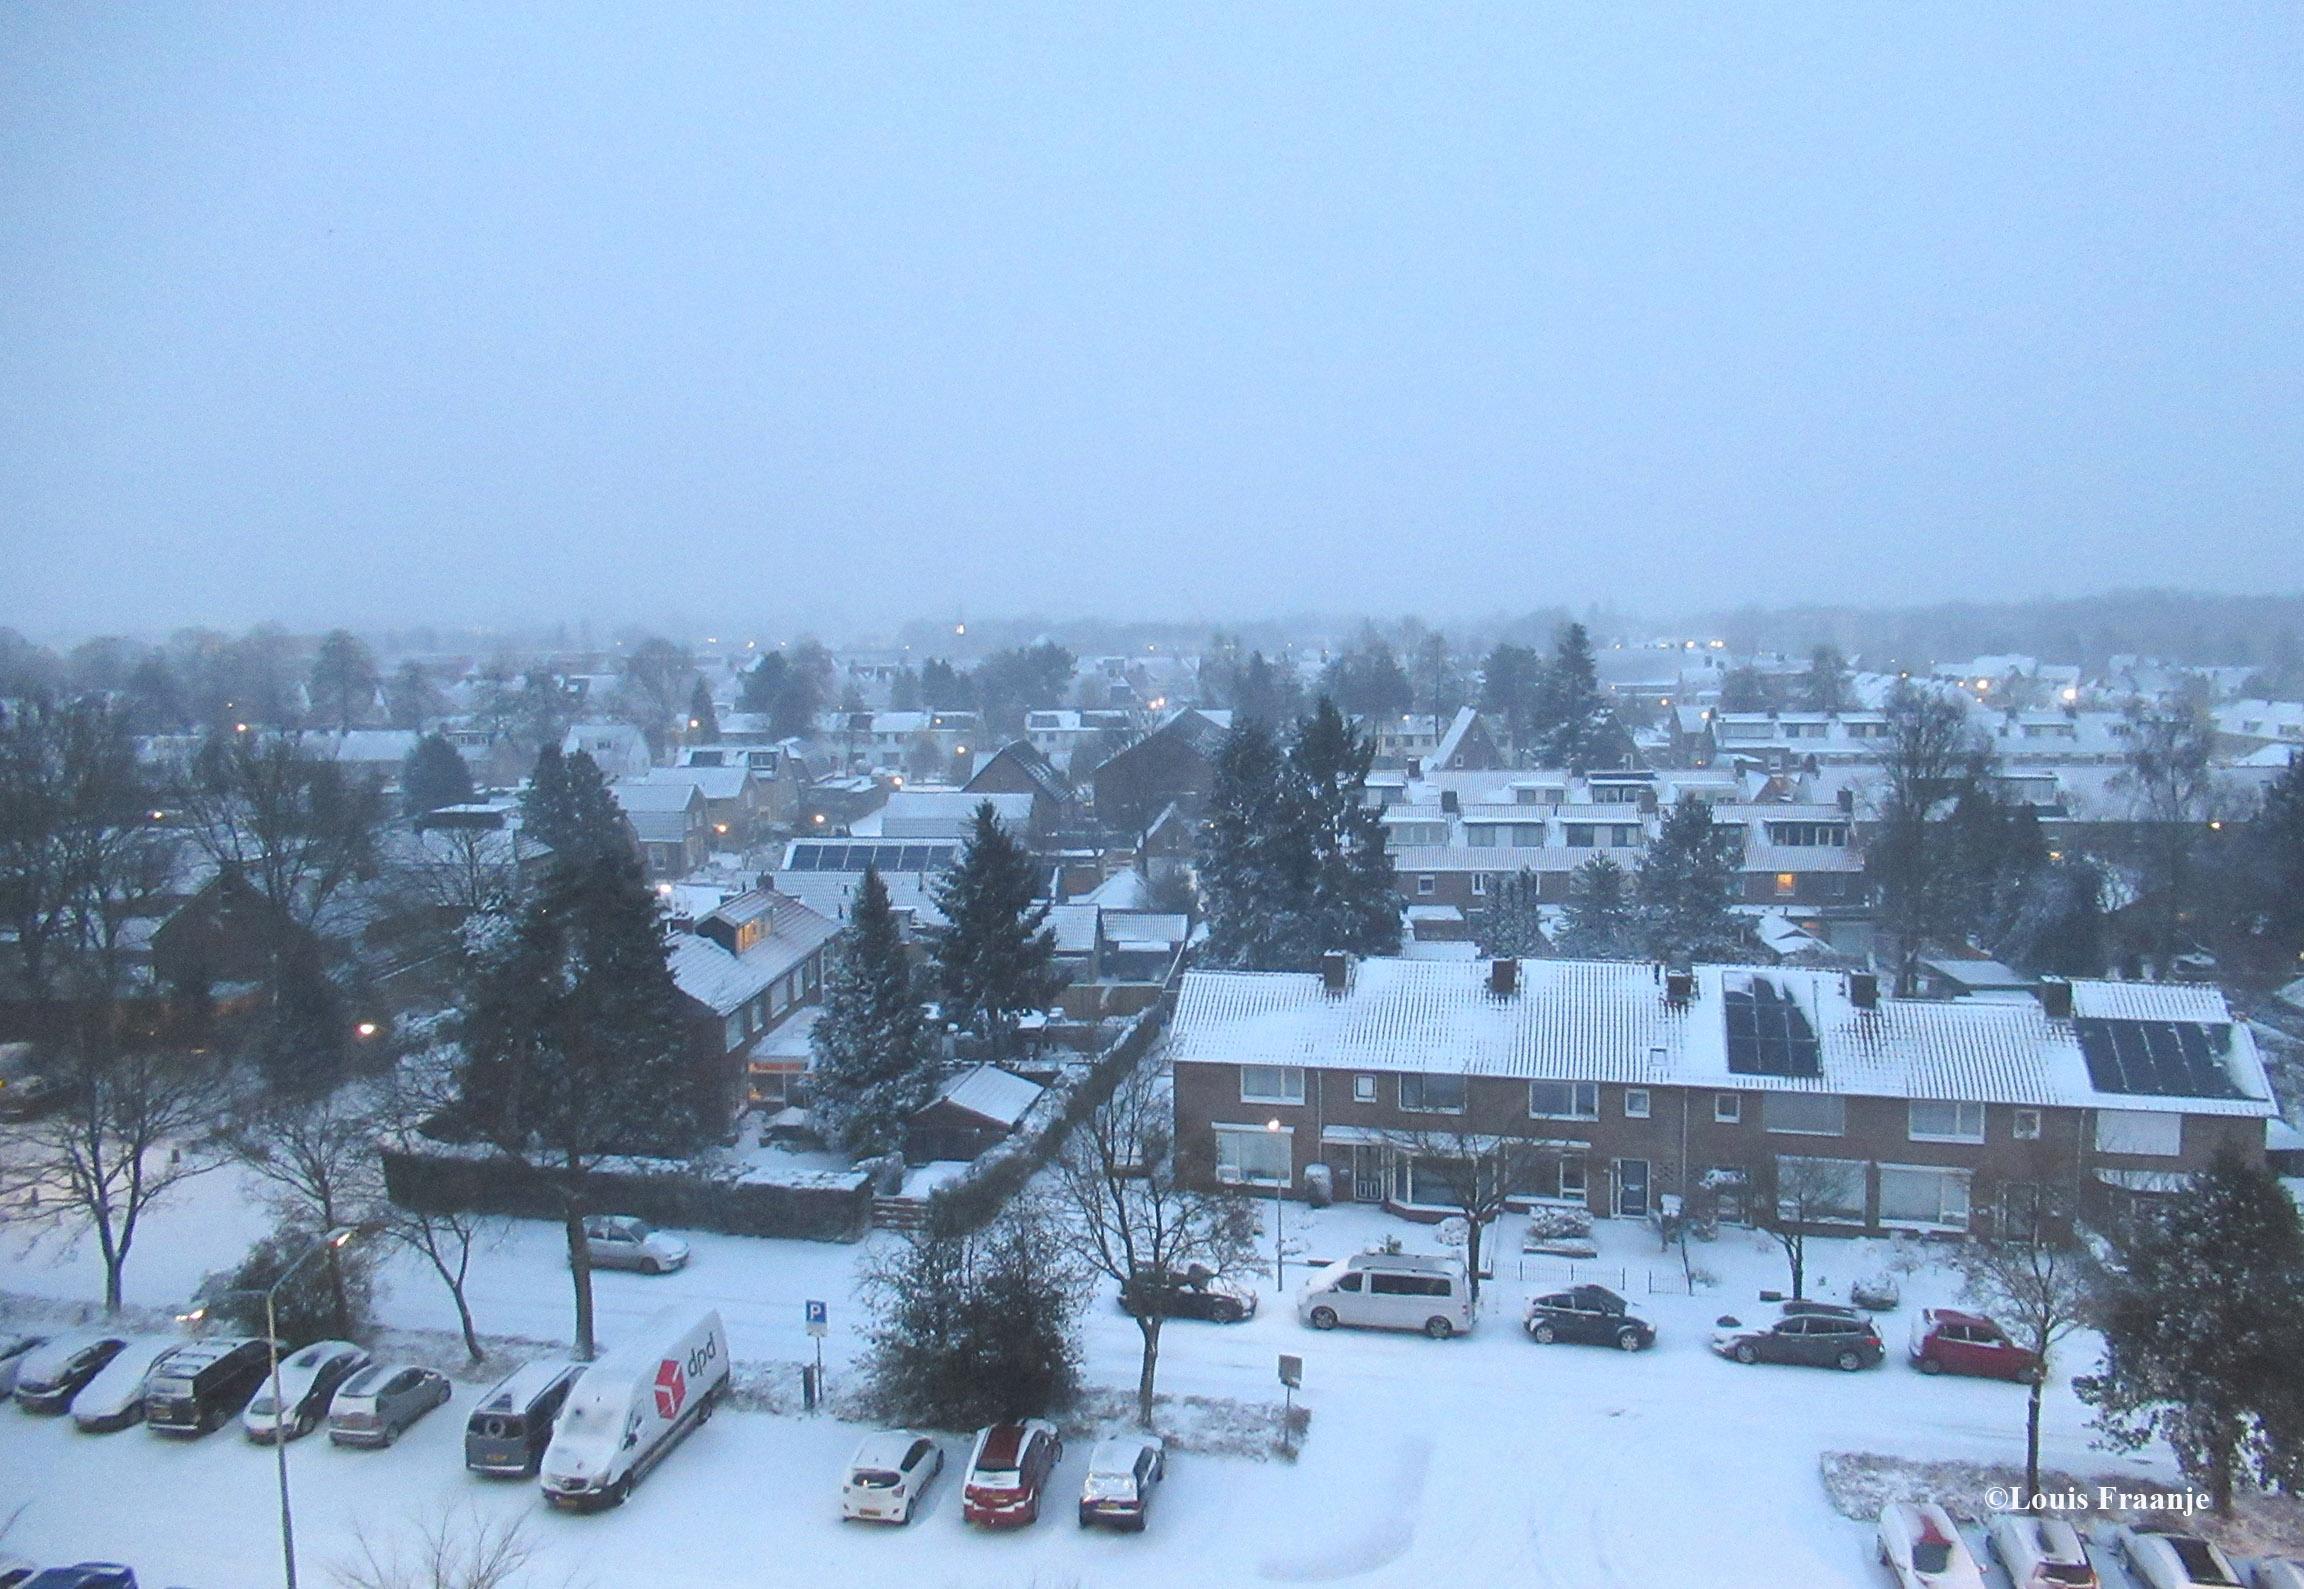 Koning winter heeft alles toegedekt met een witte deken - Foto: ©Louis Fraanje